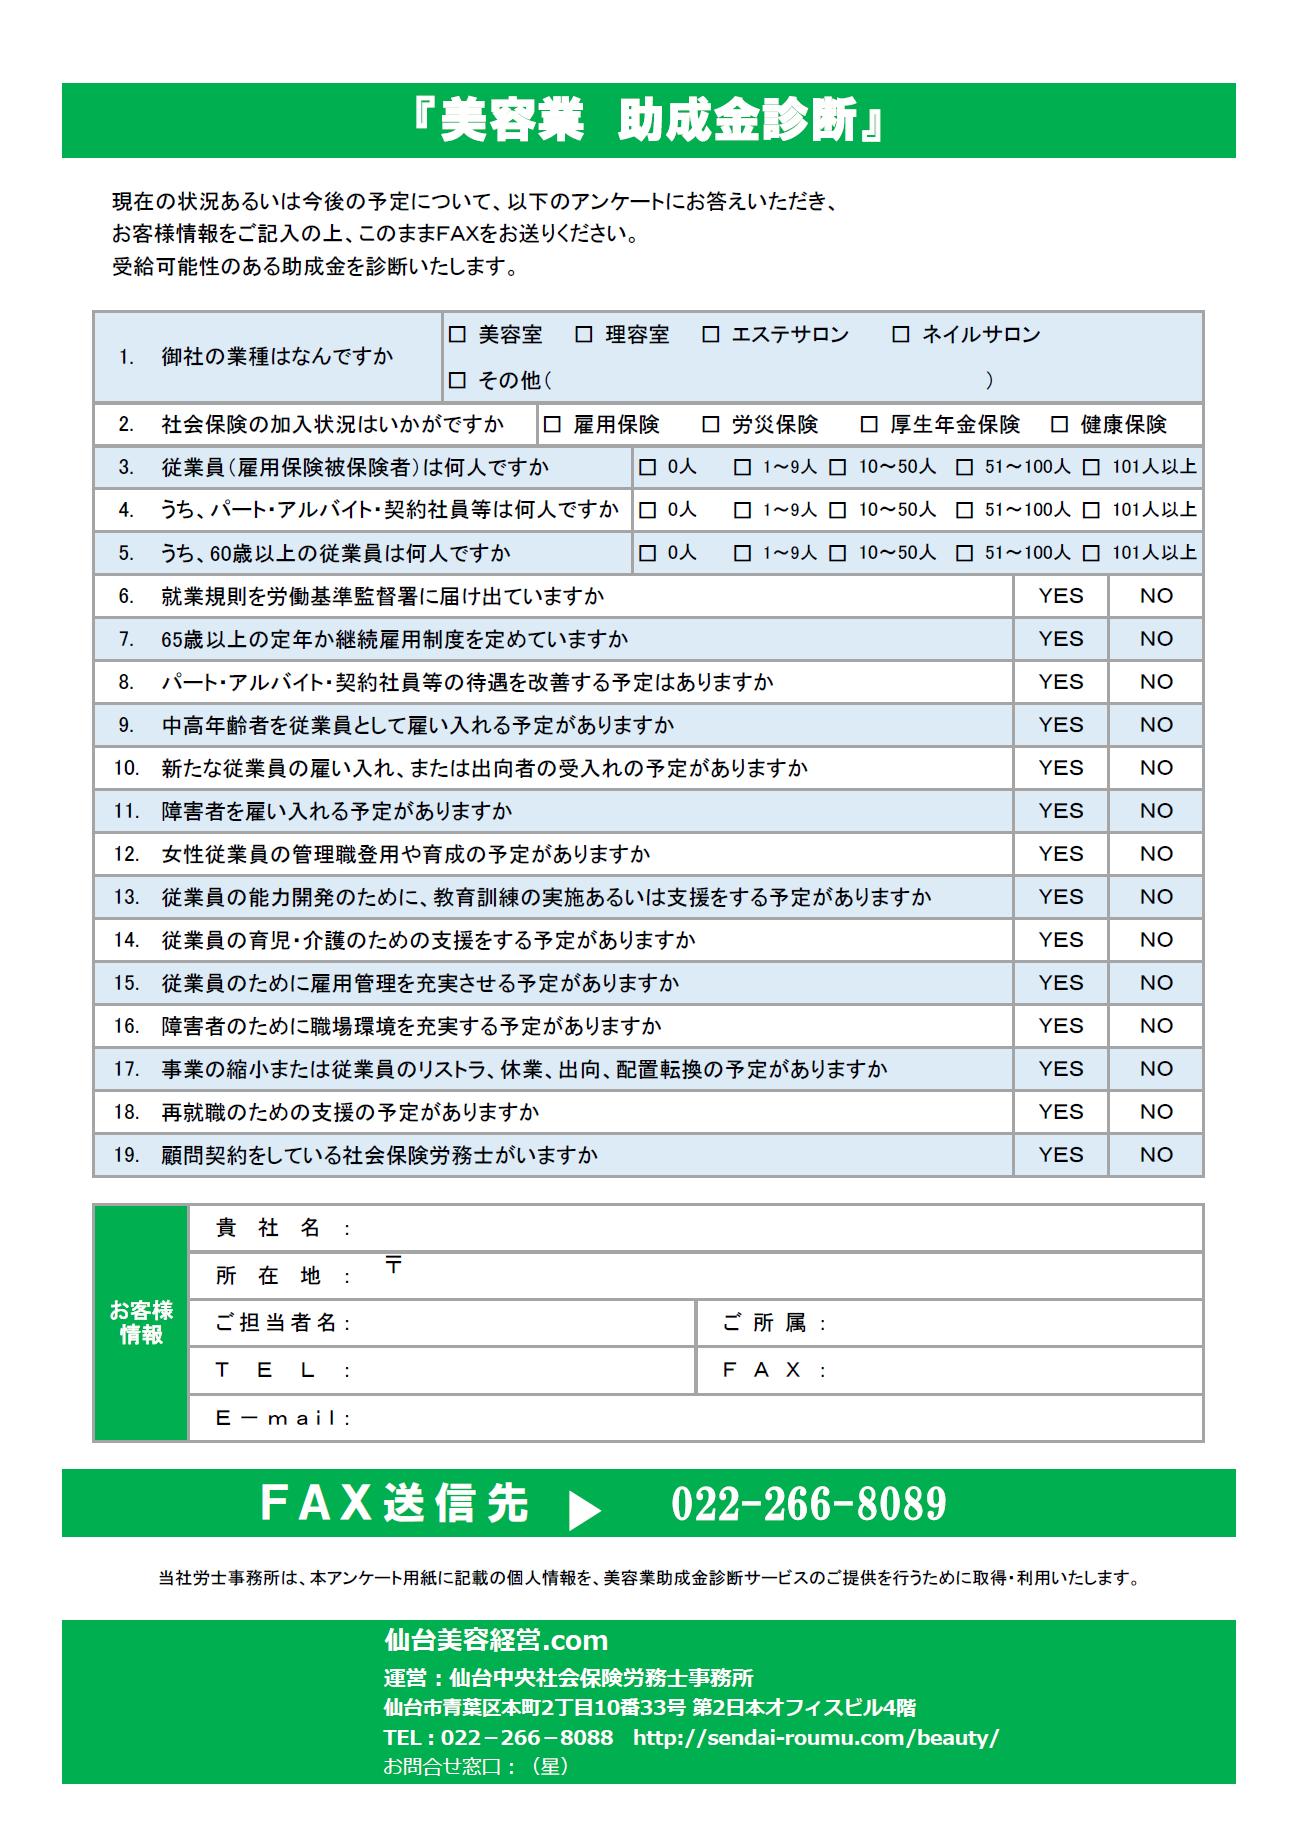 16-06-23 美容業助成金診断(ドットコム)-1